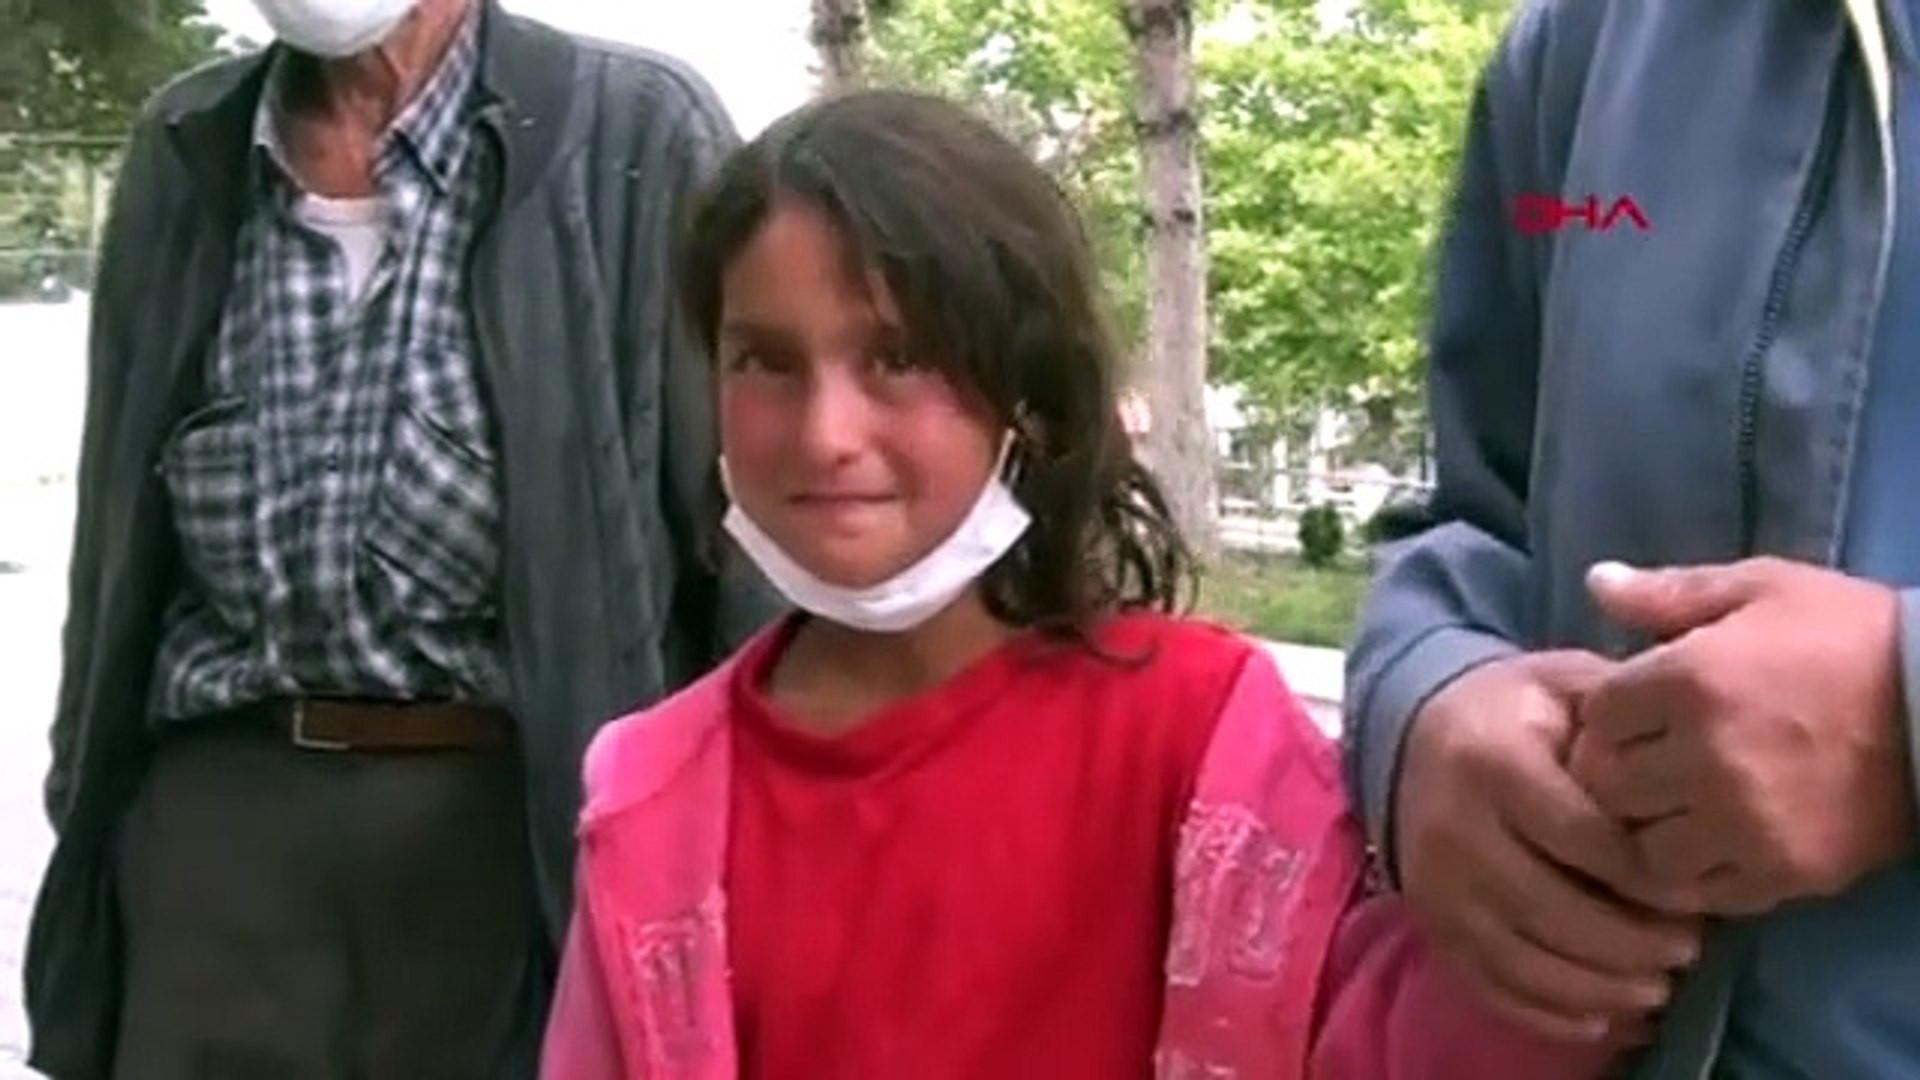 Komandolar bile onu arıyordu... Minik kız çocuğu Kıymet bulundu